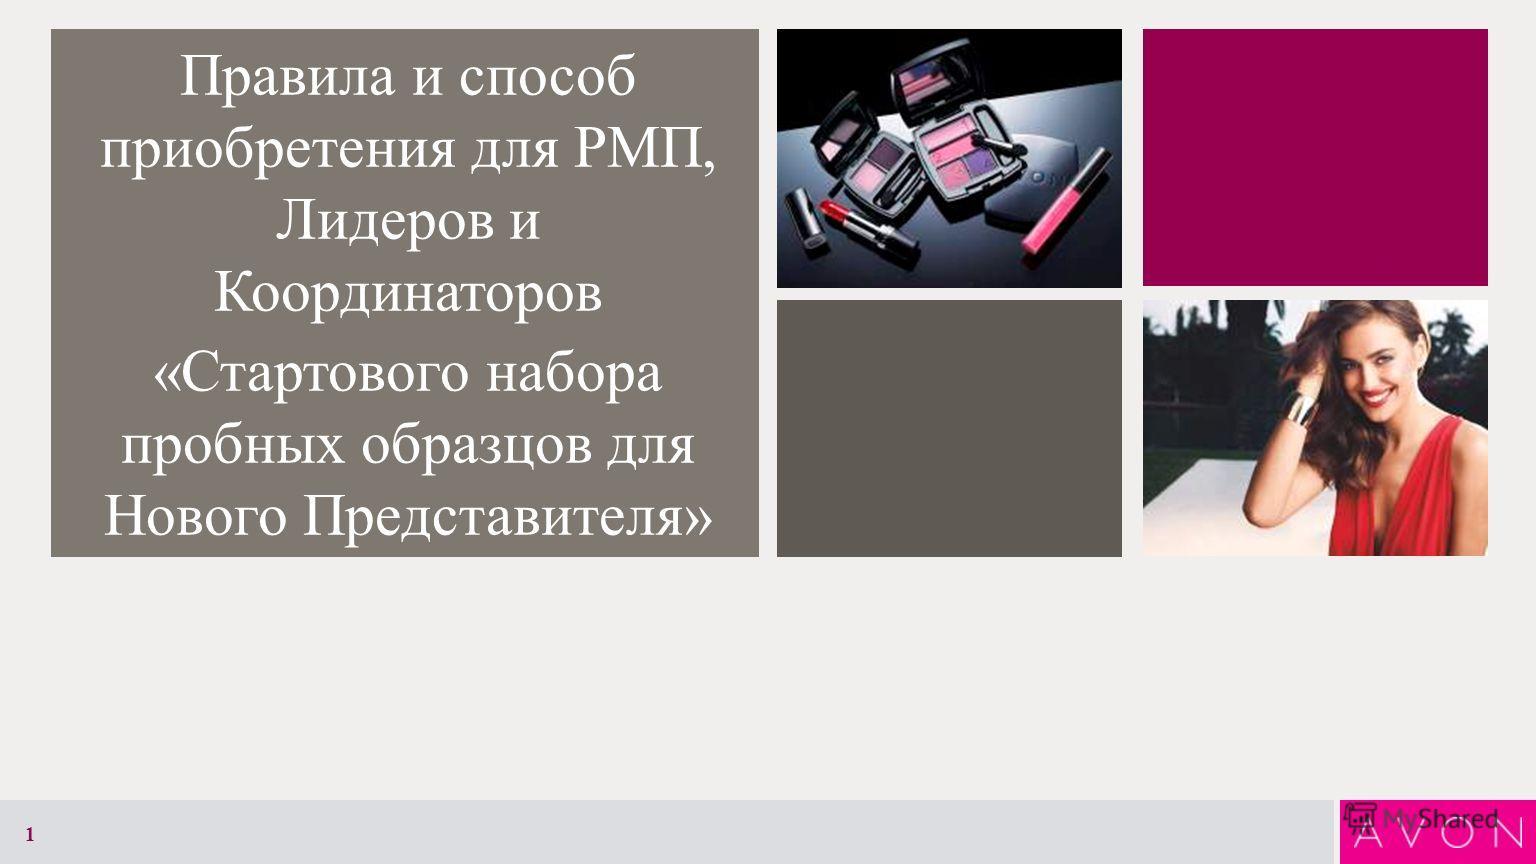 Правила и способ приобретения для РМП, Лидеров и Координаторов «Стартового набора пробных образцов для Нового Представителя» 1